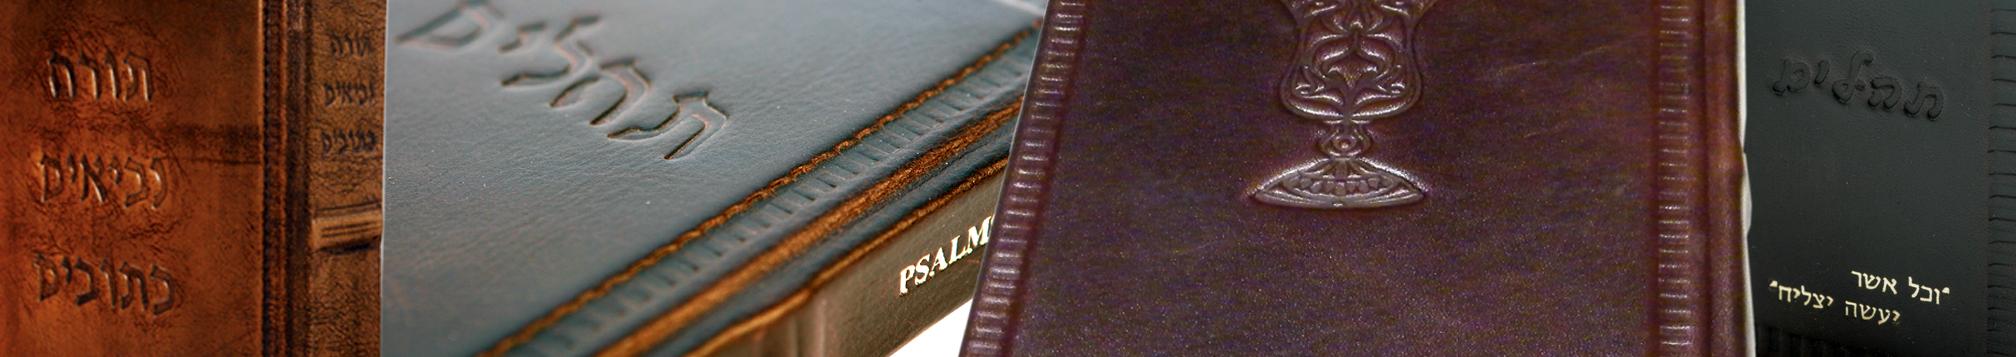 ספרי תהילים